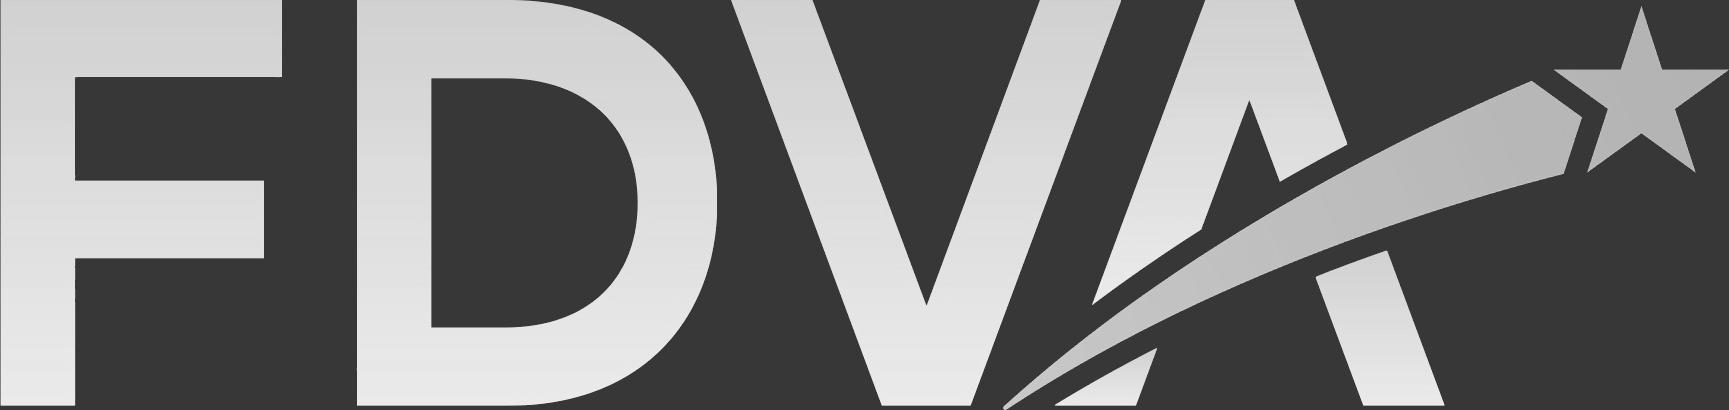 fdva-logo-with-one-line-website-name